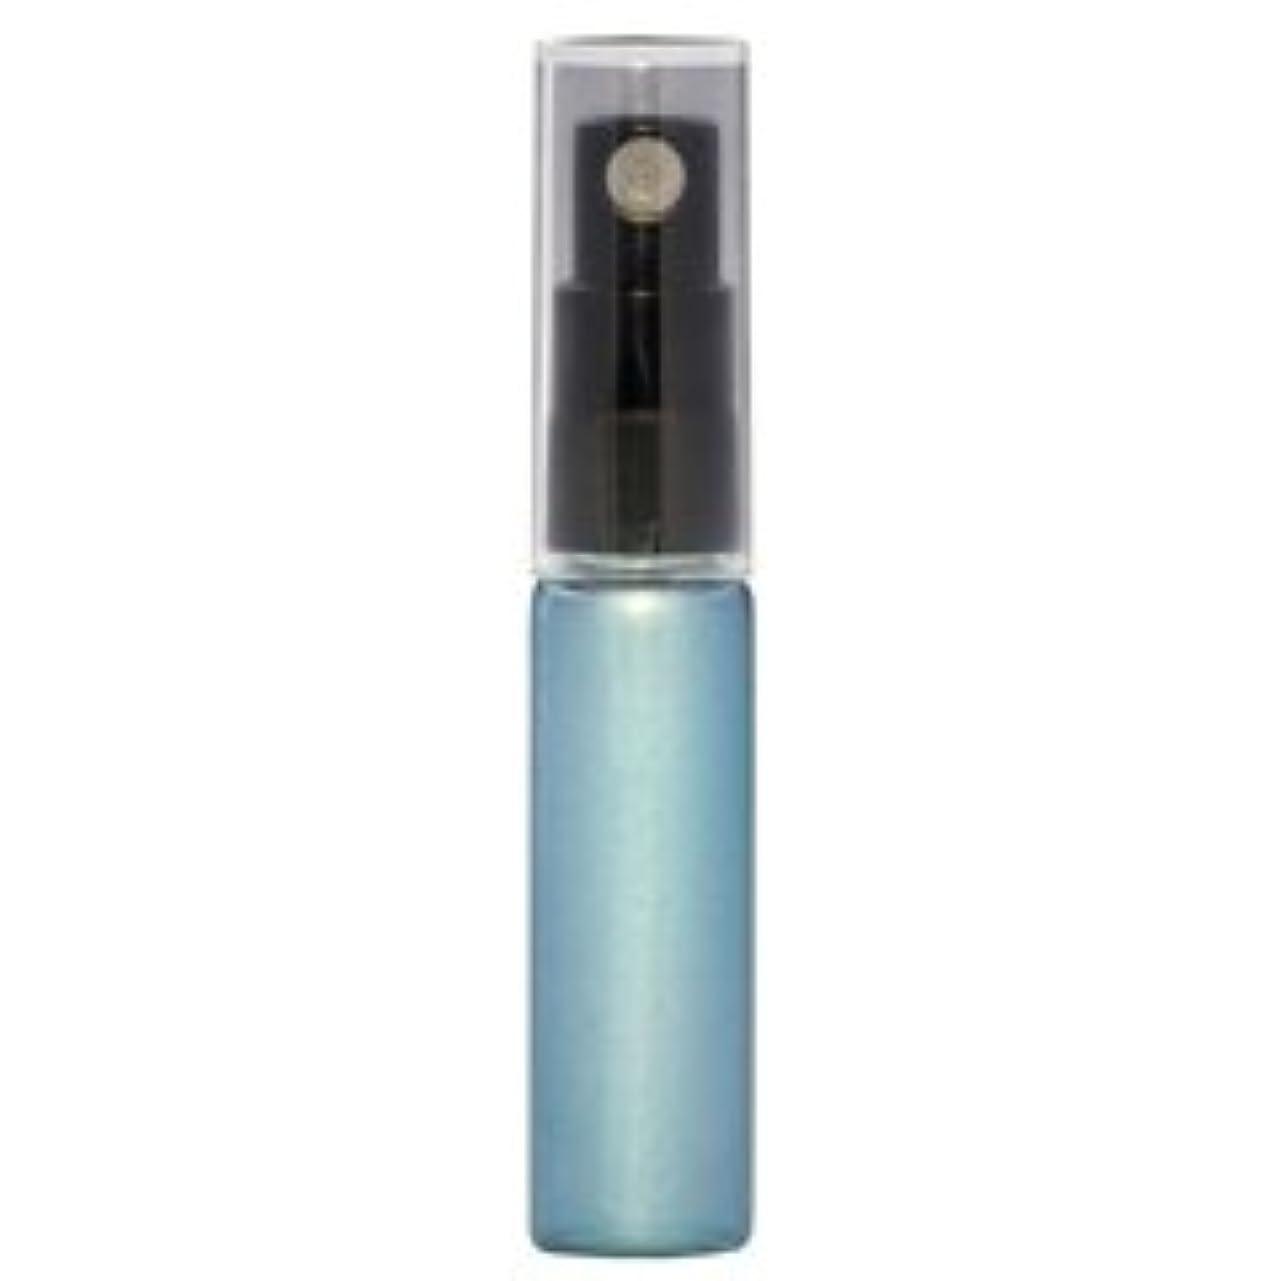 共和党ヨーロッパクリーナー【ヒロセ アトマイザー】メンズ メタリック ガラスアトマイザー ブラックプラスチックポンプ 57173 (メンズメタリック ブルー) 5ml